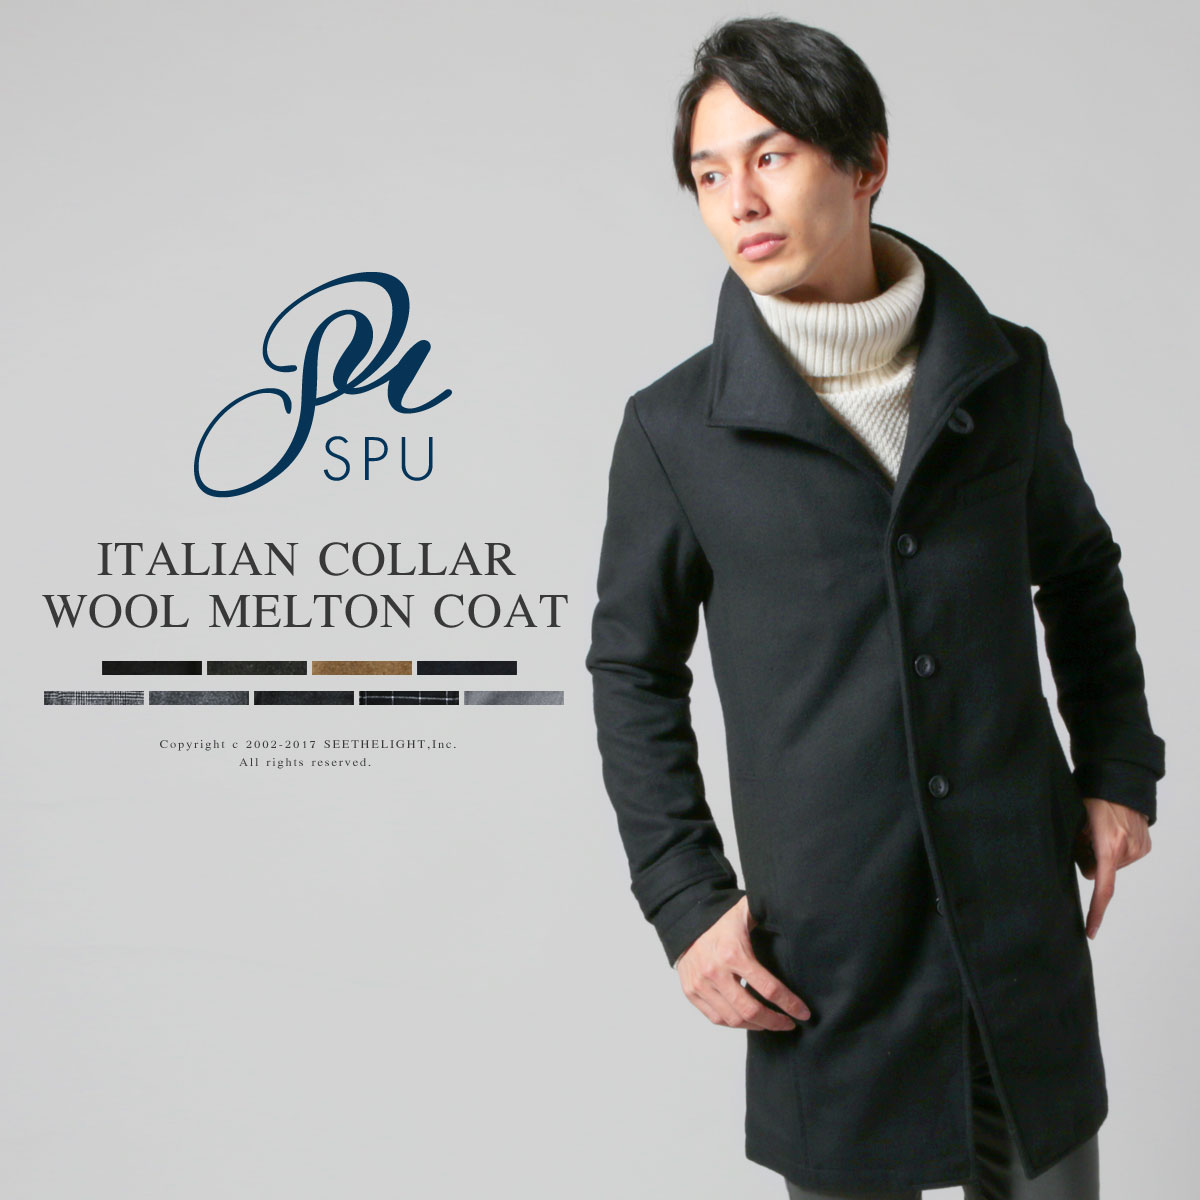 アウター メンズ コート ウール混 メルトン ツイード イタリアンカラー ロング コート 秋 冬 メンズファッション SPU スプ